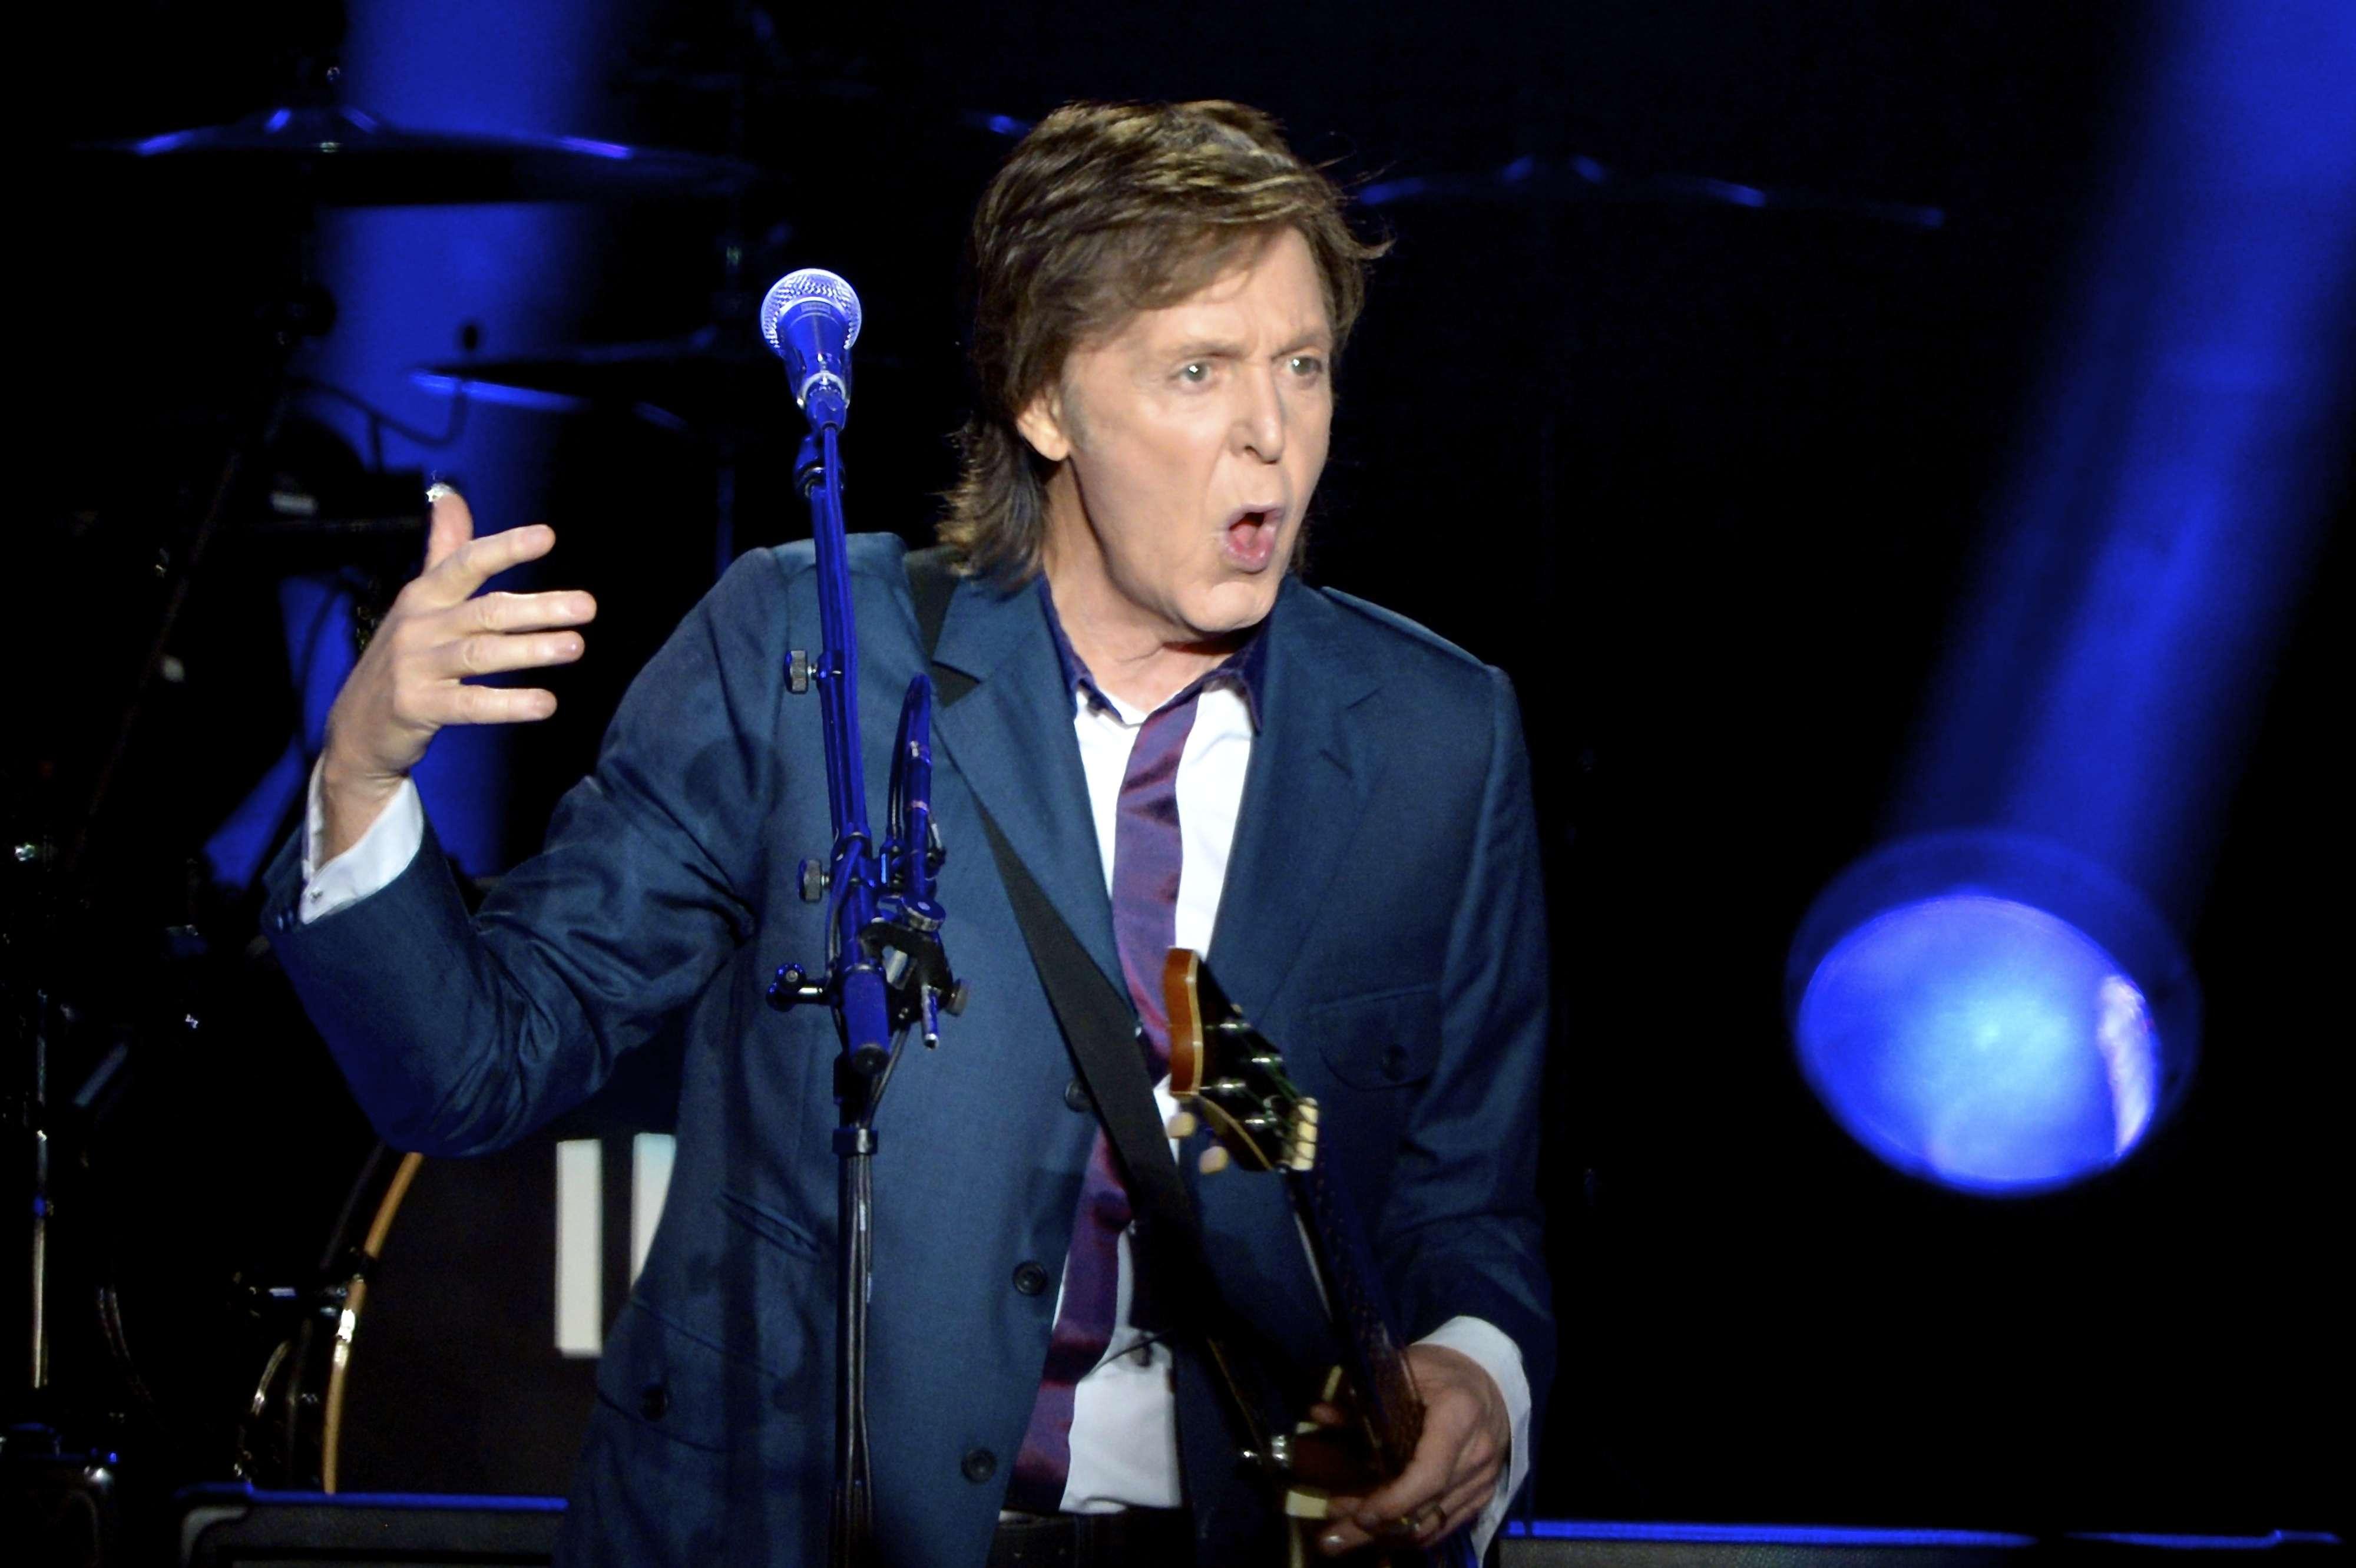 Paul McCartney se apresentou no Allianz Parque, em São Paulo, na noite dessa terça-feira (25) em parte da turnê Out There! O ex-Beatle sobe ao mesmo palco nesta quarta-feira (26). A atual excursão já passou pelo Rio de Janeiro, Espírito Santo e Brasília. Foto: Osmar Portilho/Terra